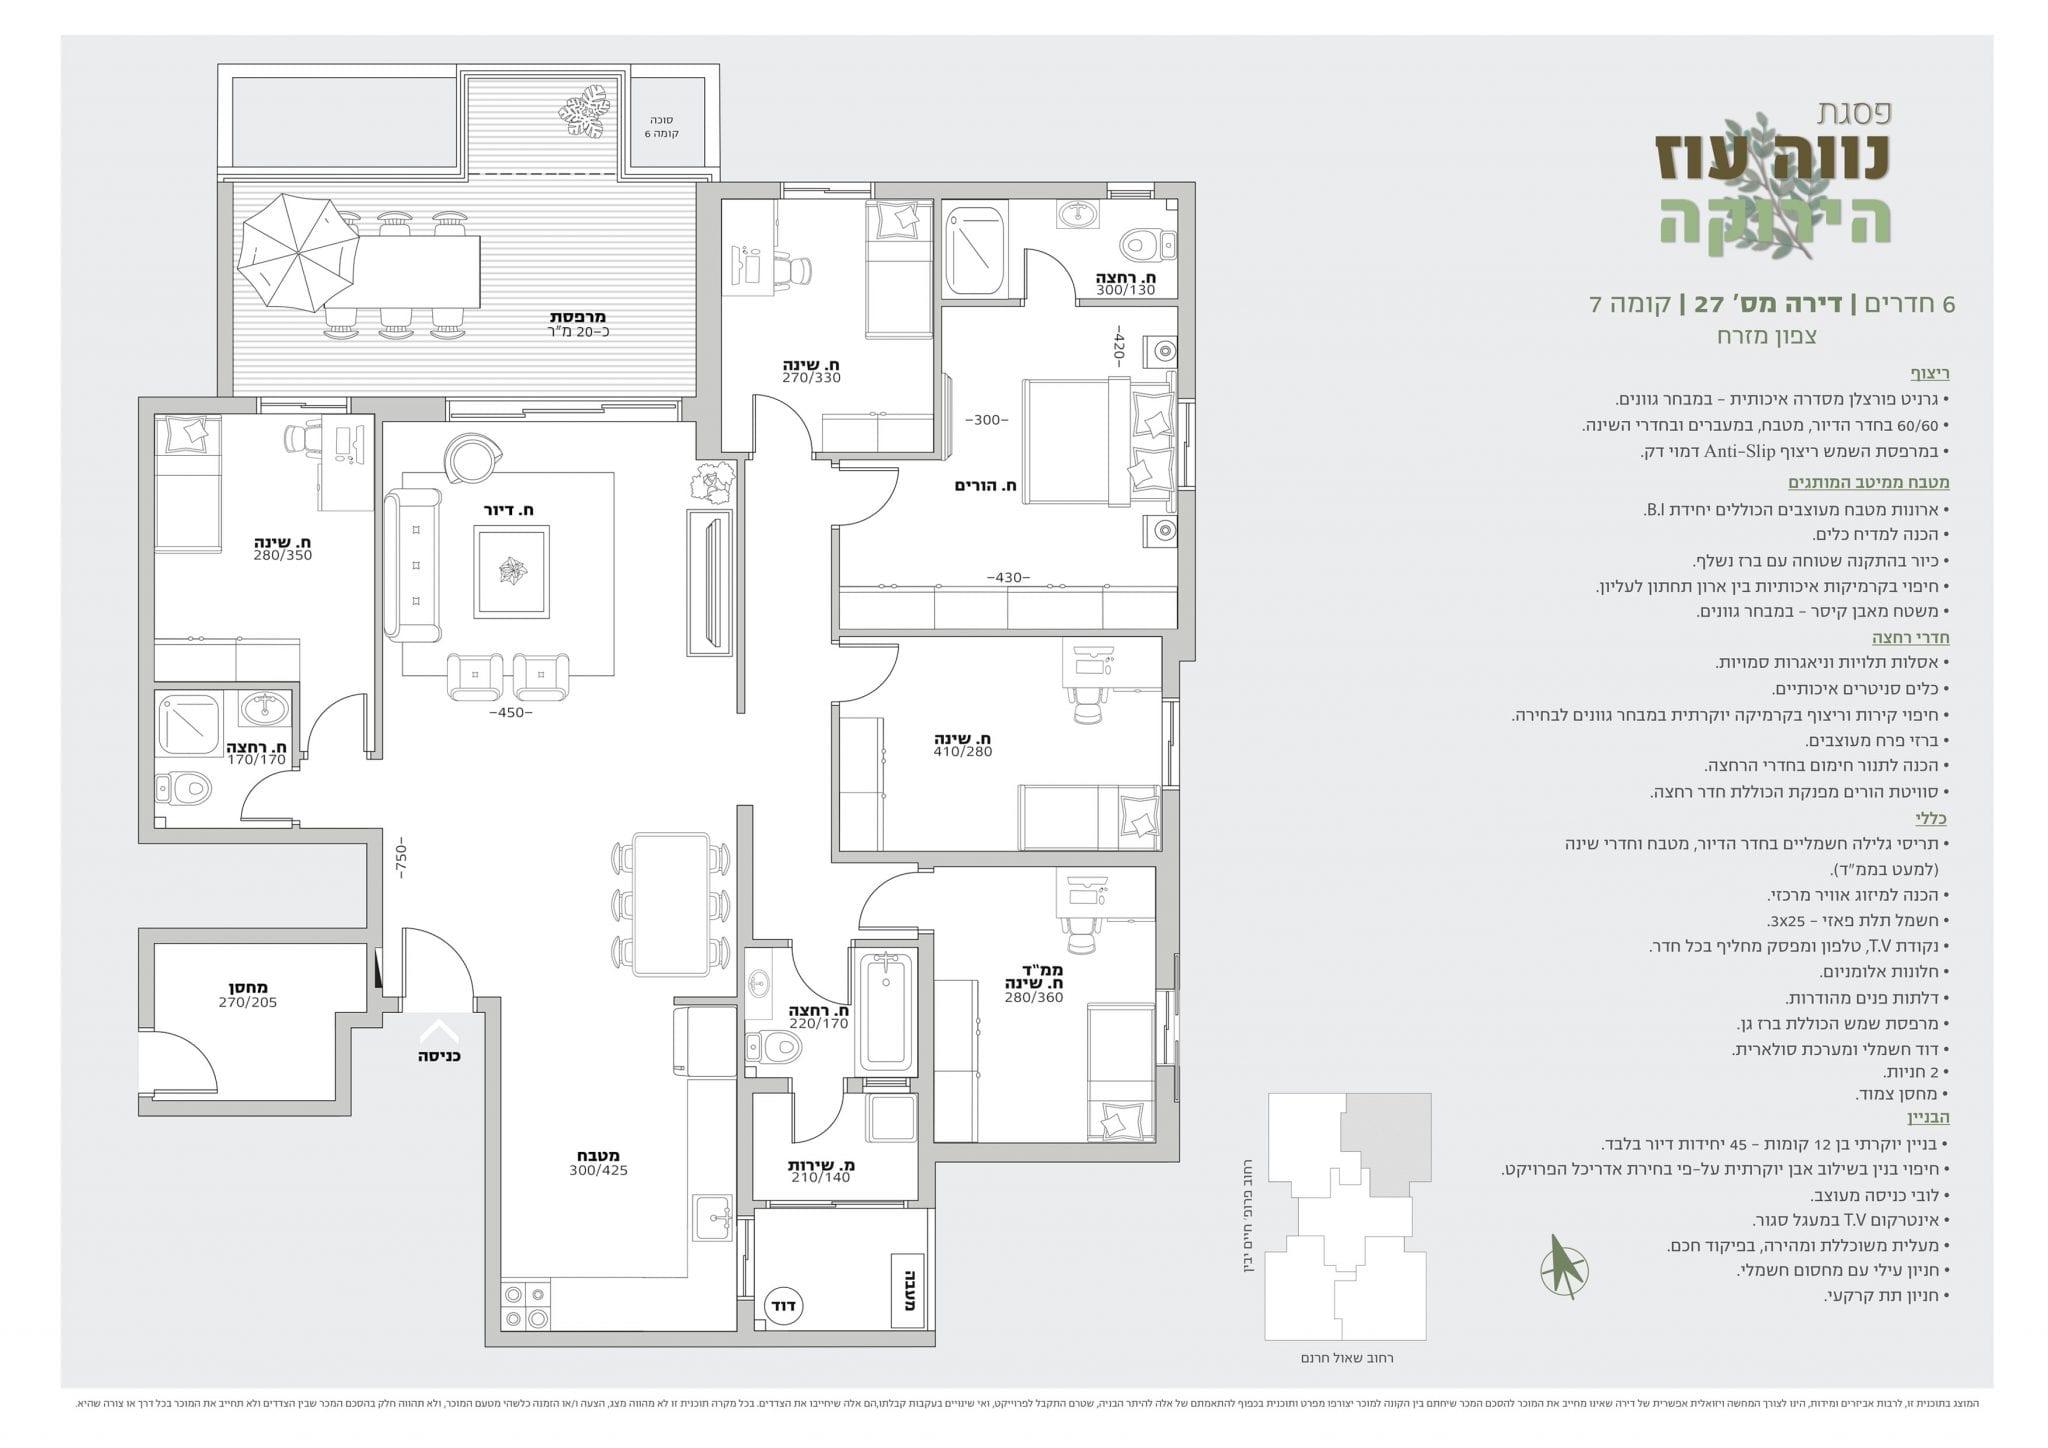 דירת 6 חדרים מספר 27